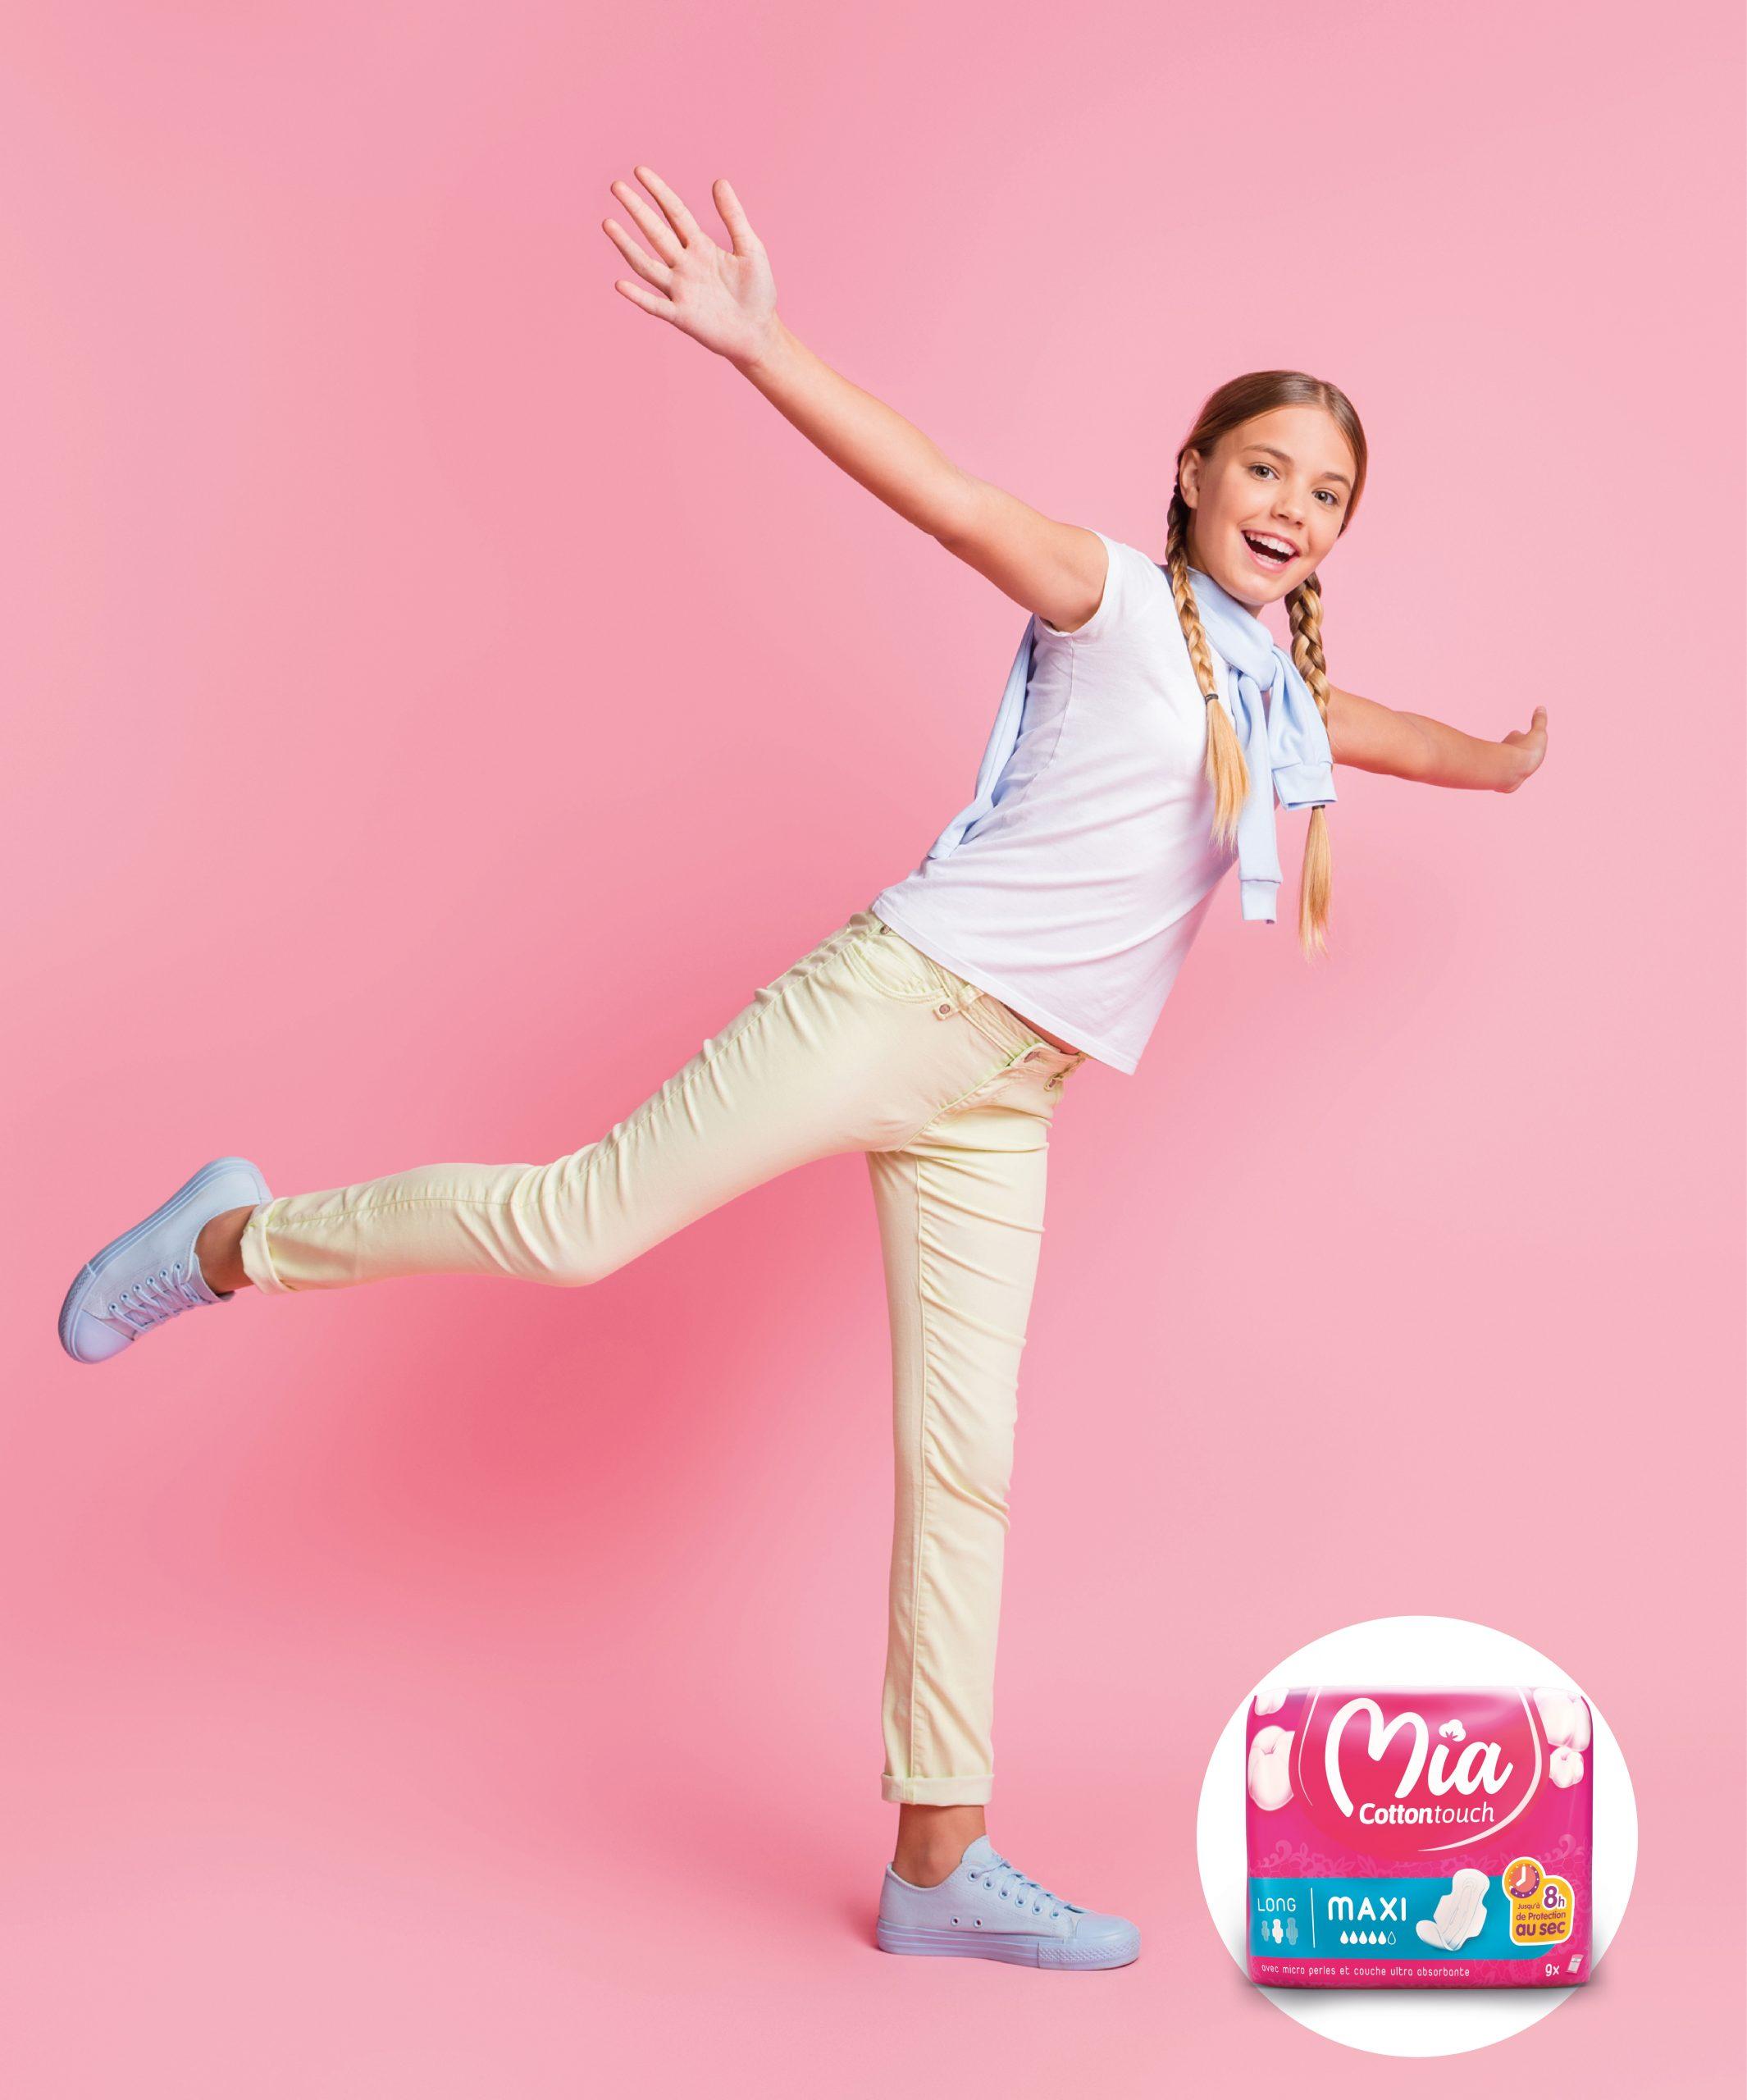 Mia : Premières règles : Le guide complet pour jeune fille